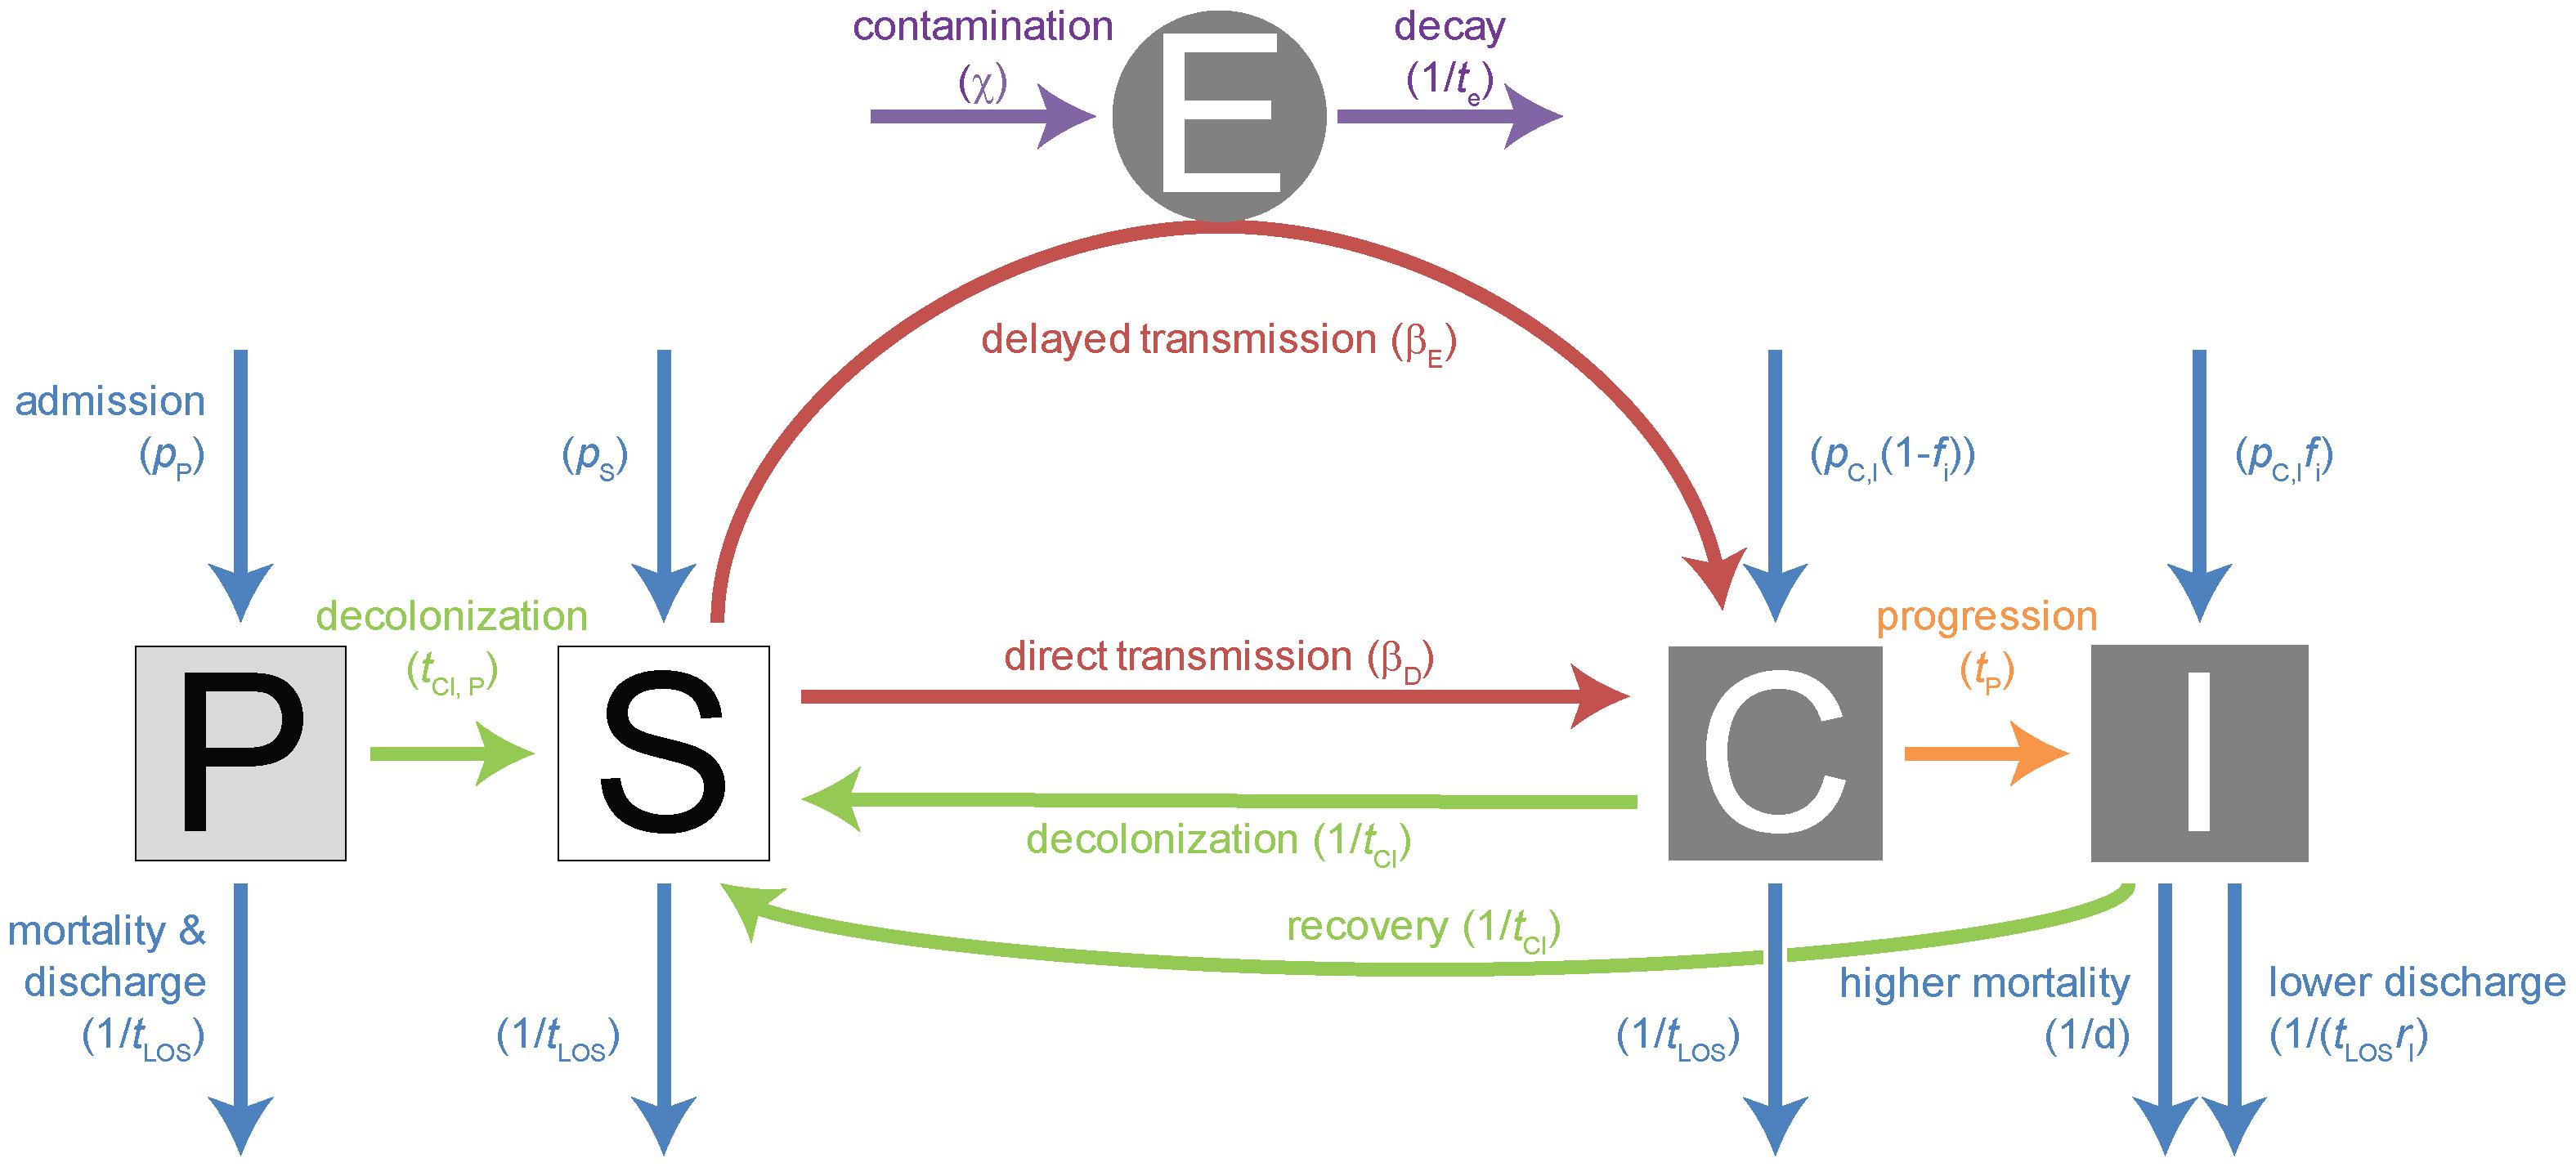 Compartmental model for single strain.